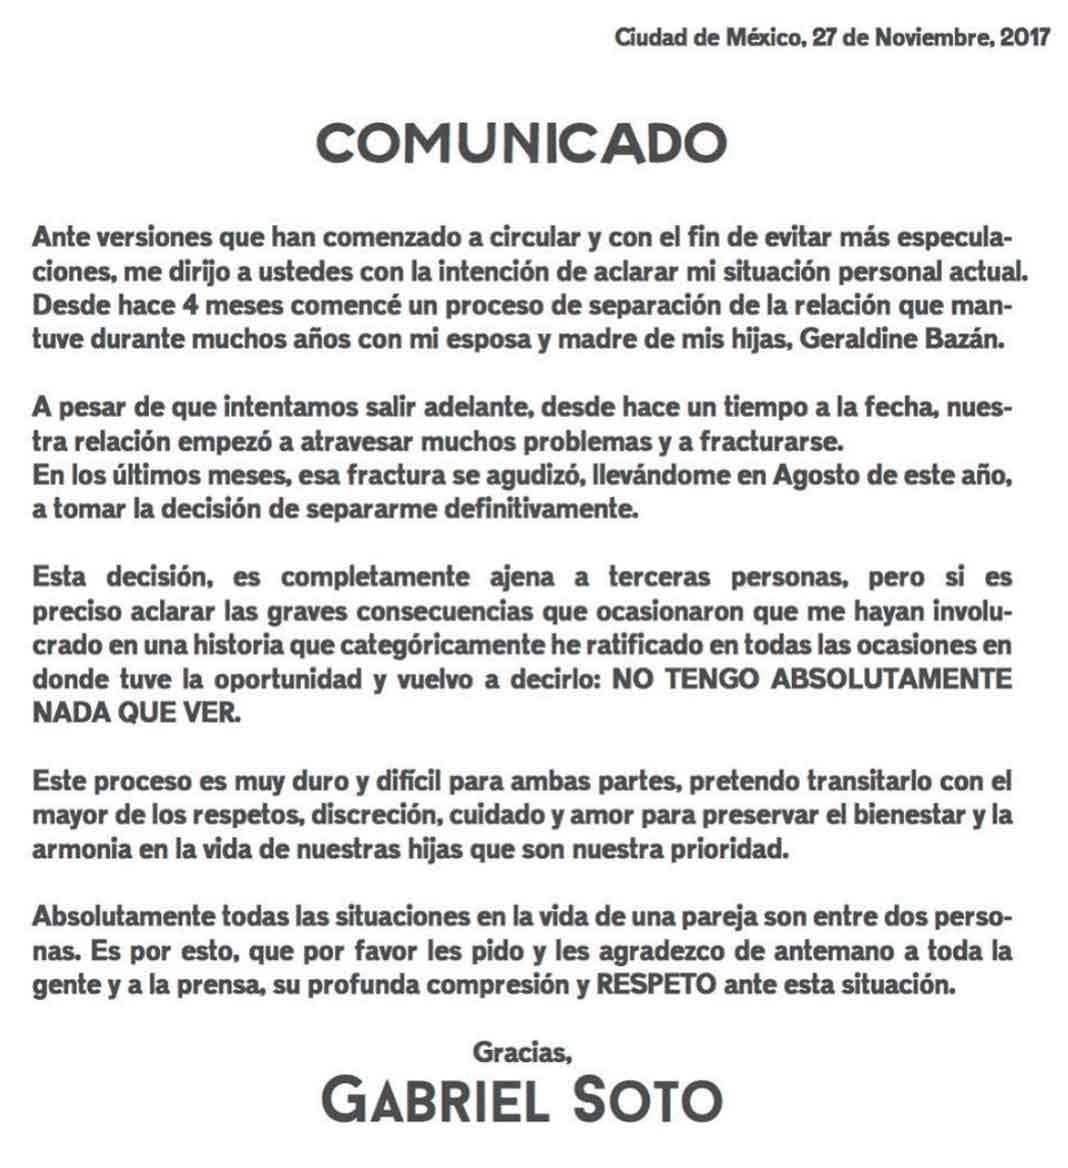 Este es el comunicado difundido por Gabriel Soto en sus redes